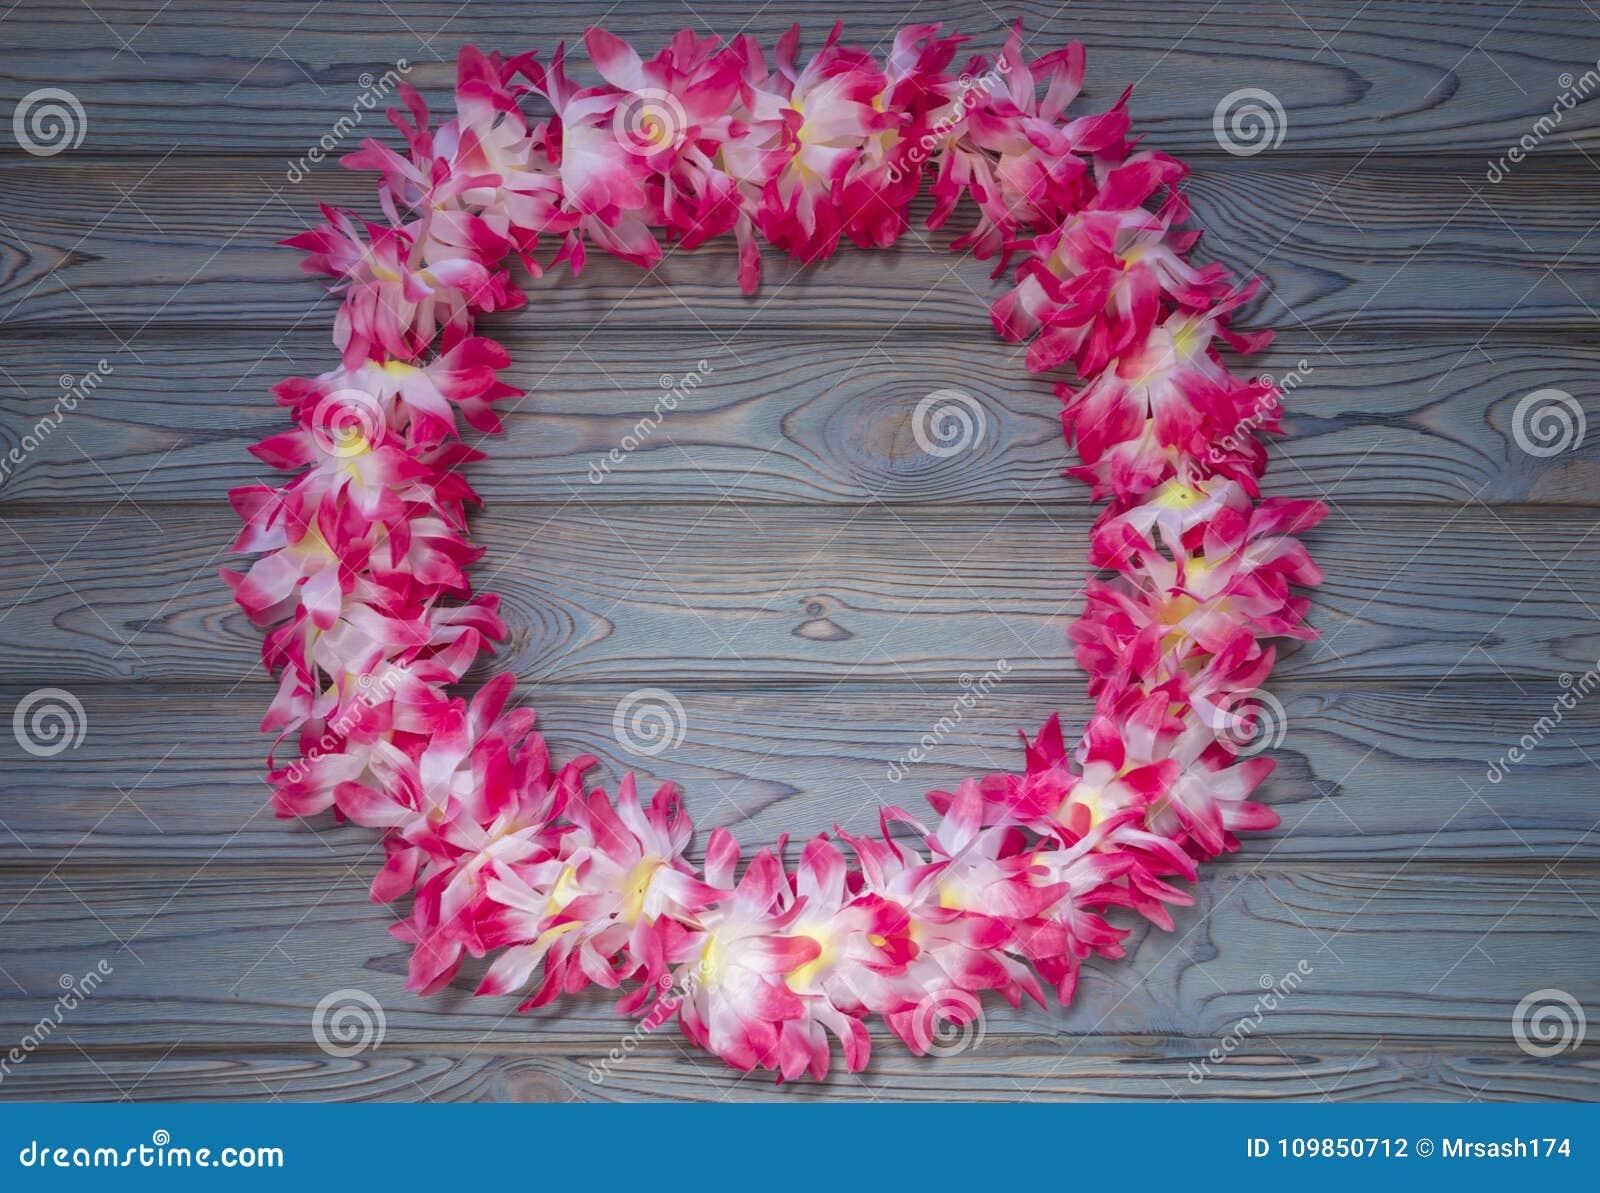 Hawaiian garland of flowers wreath on a wooden background stock download hawaiian garland of flowers wreath on a wooden background stock photo image izmirmasajfo